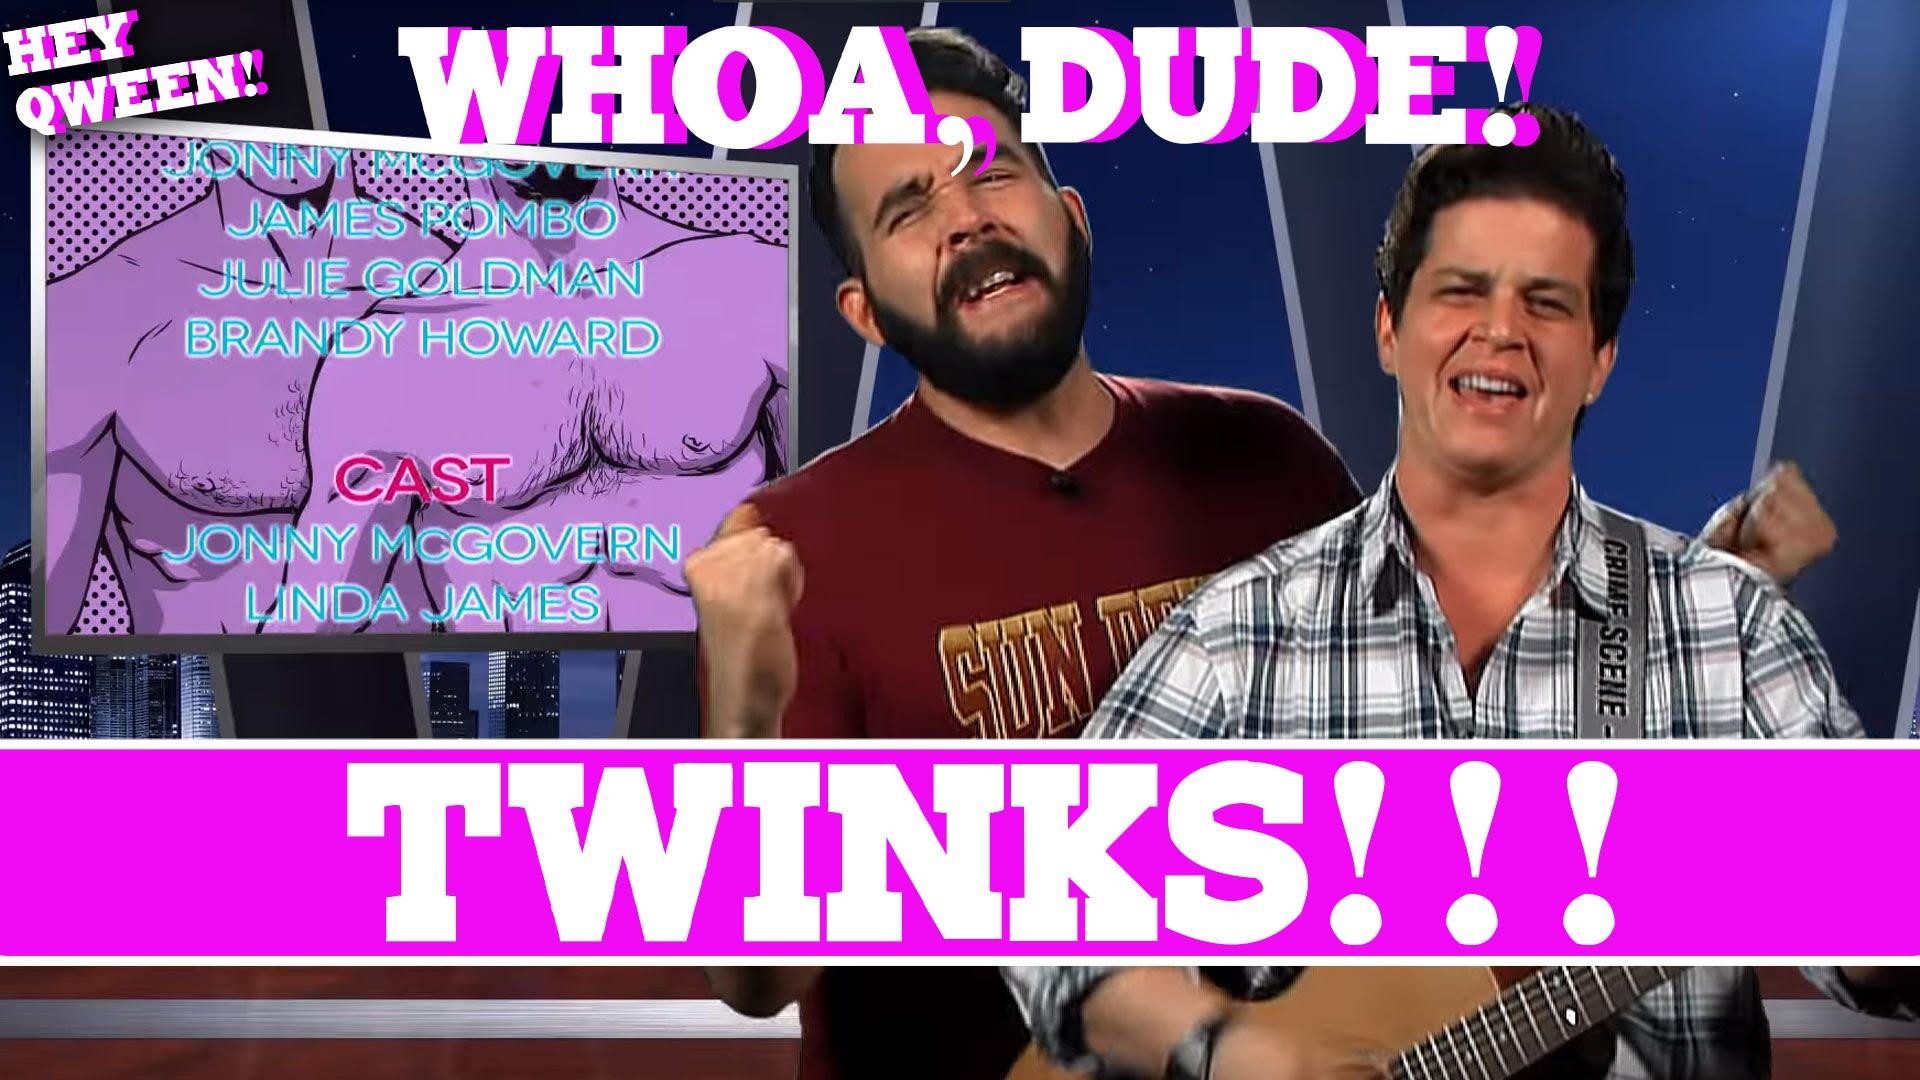 Whoa, Dude! Twinks, Episode 109